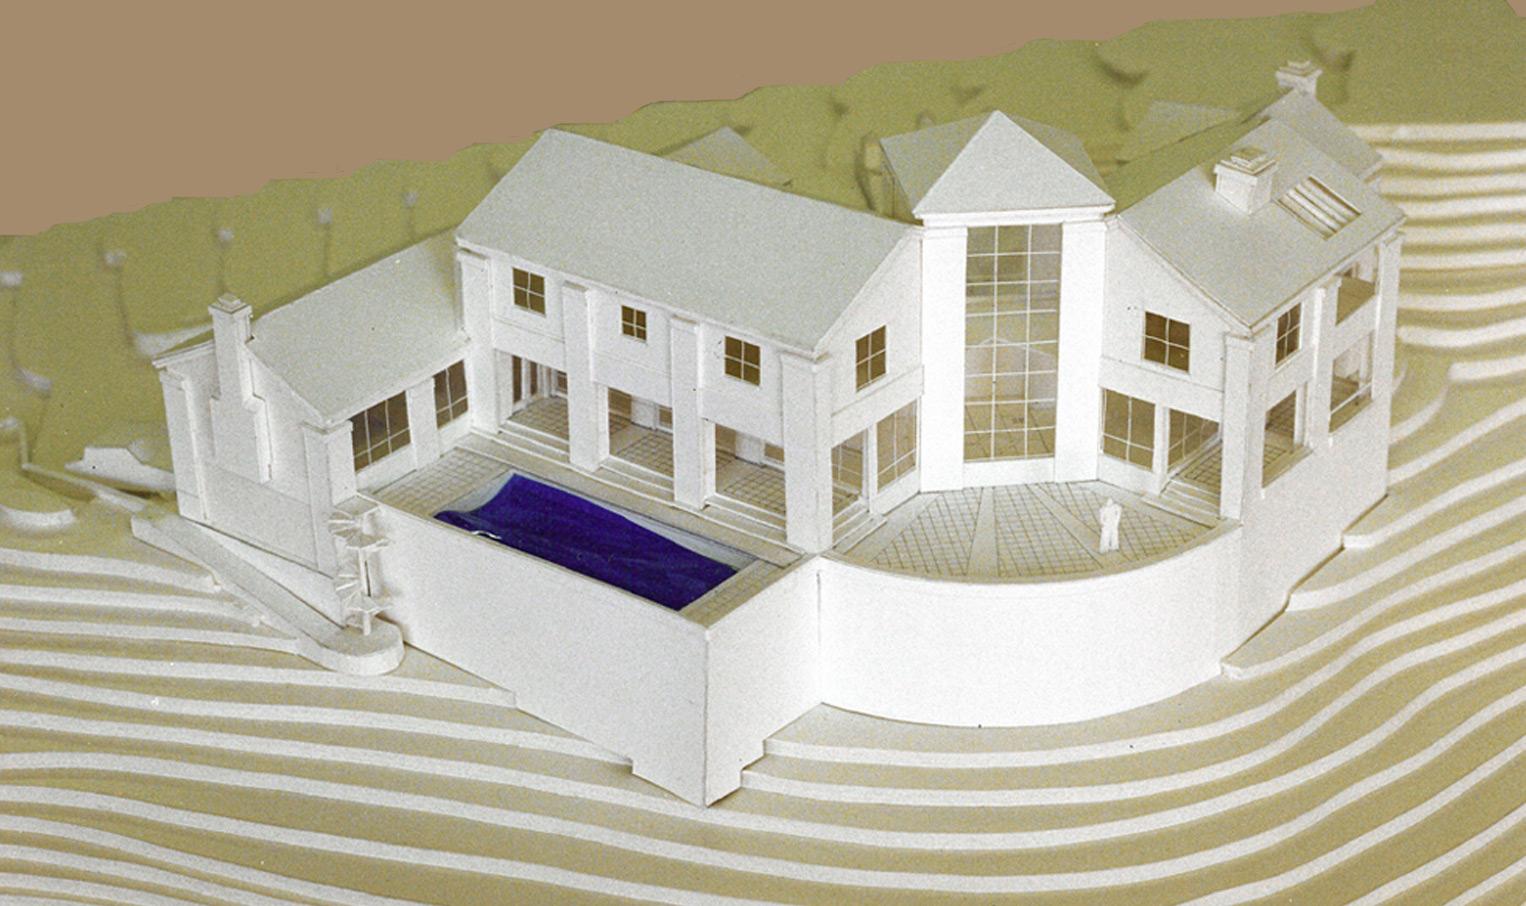 Kaplan-Architects-new-modern-hillside-house-model-2.jpg